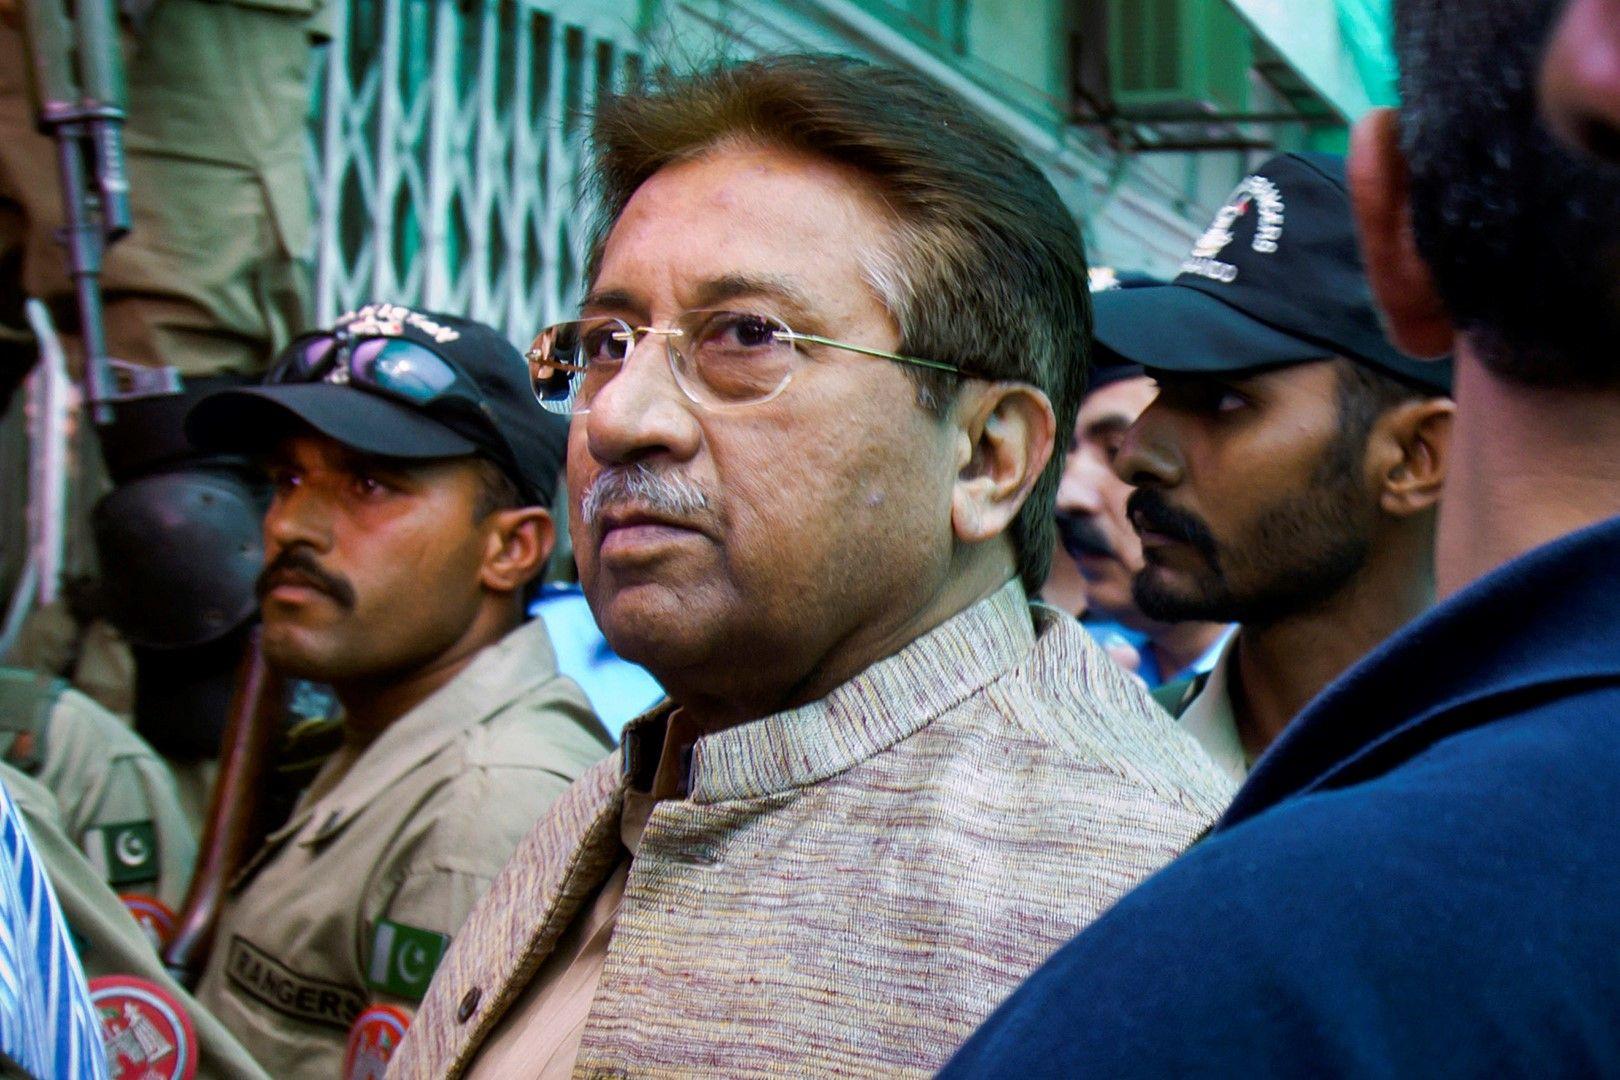 20 април 2013. Первез Мушарав се явява пред антитеросристичния съд в Исламабад